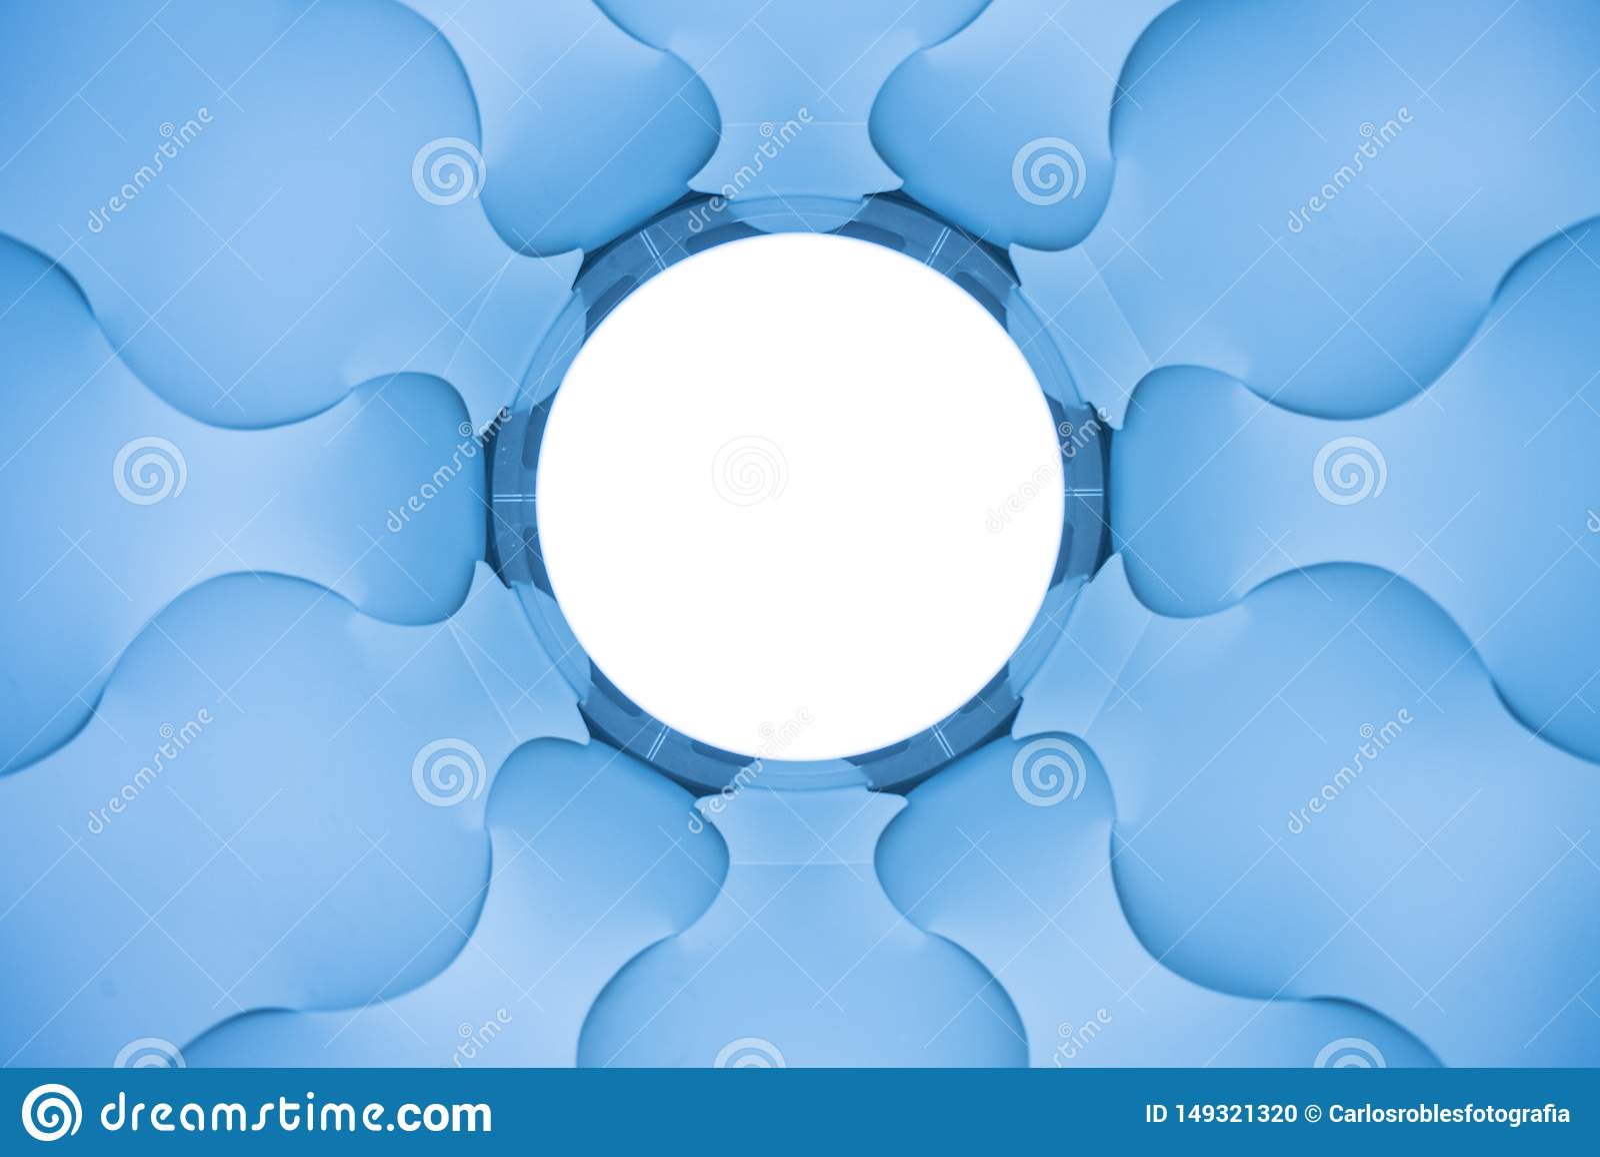 Abstrakte blaue elices